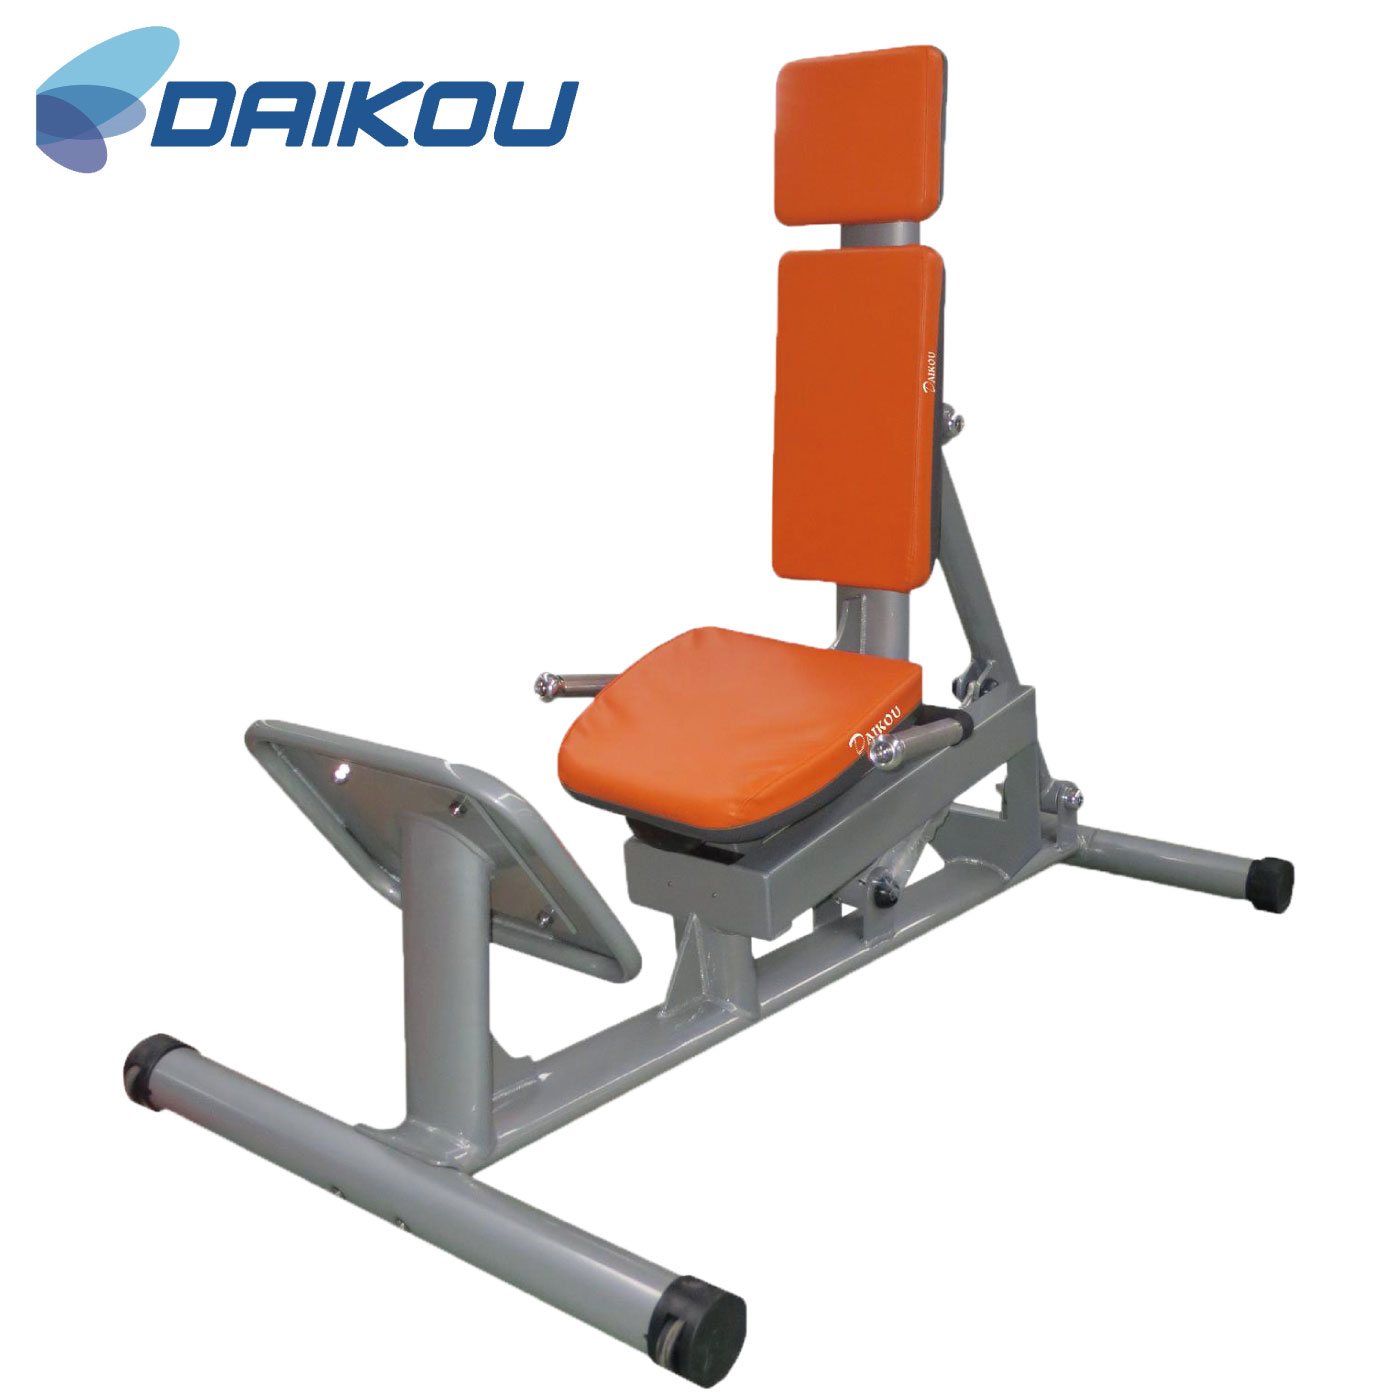 DK-1207(レッグプレス)/準業務用油圧マシン《DAIKOU(ダイコー)》